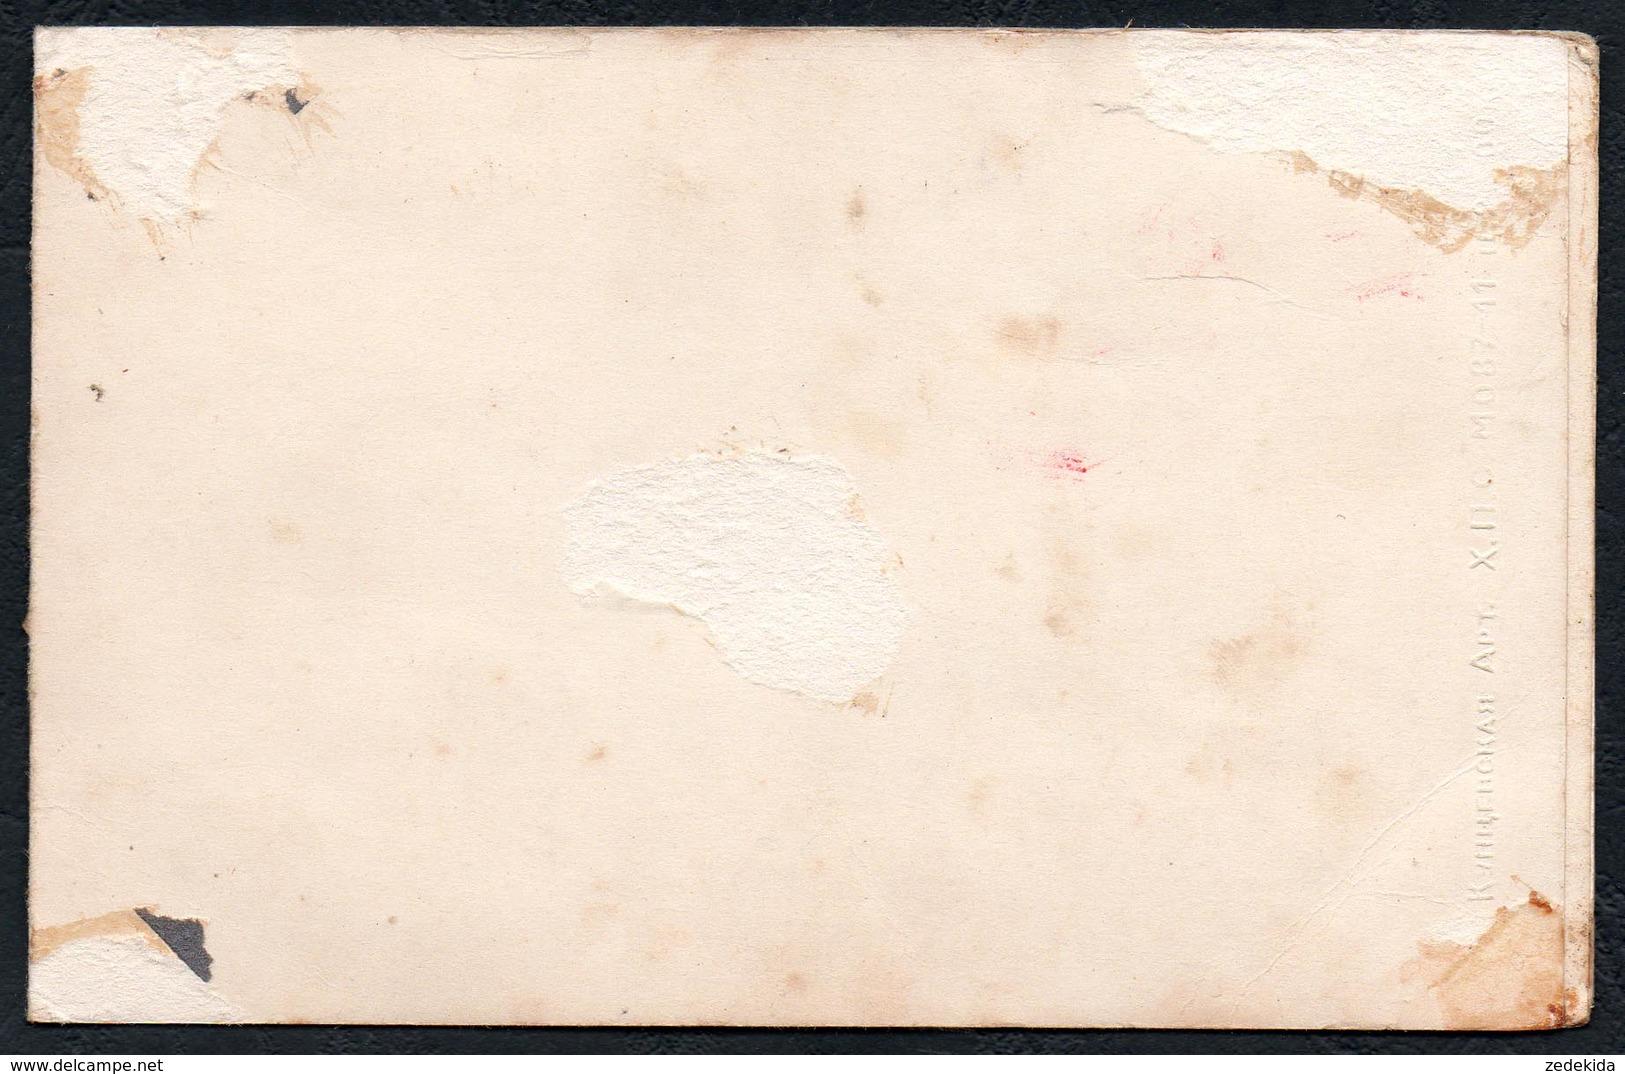 A5905 - Alte Russische Präge Material Glückwunschkarte - Klappkarte Burattino Pinocchio - Sonstige